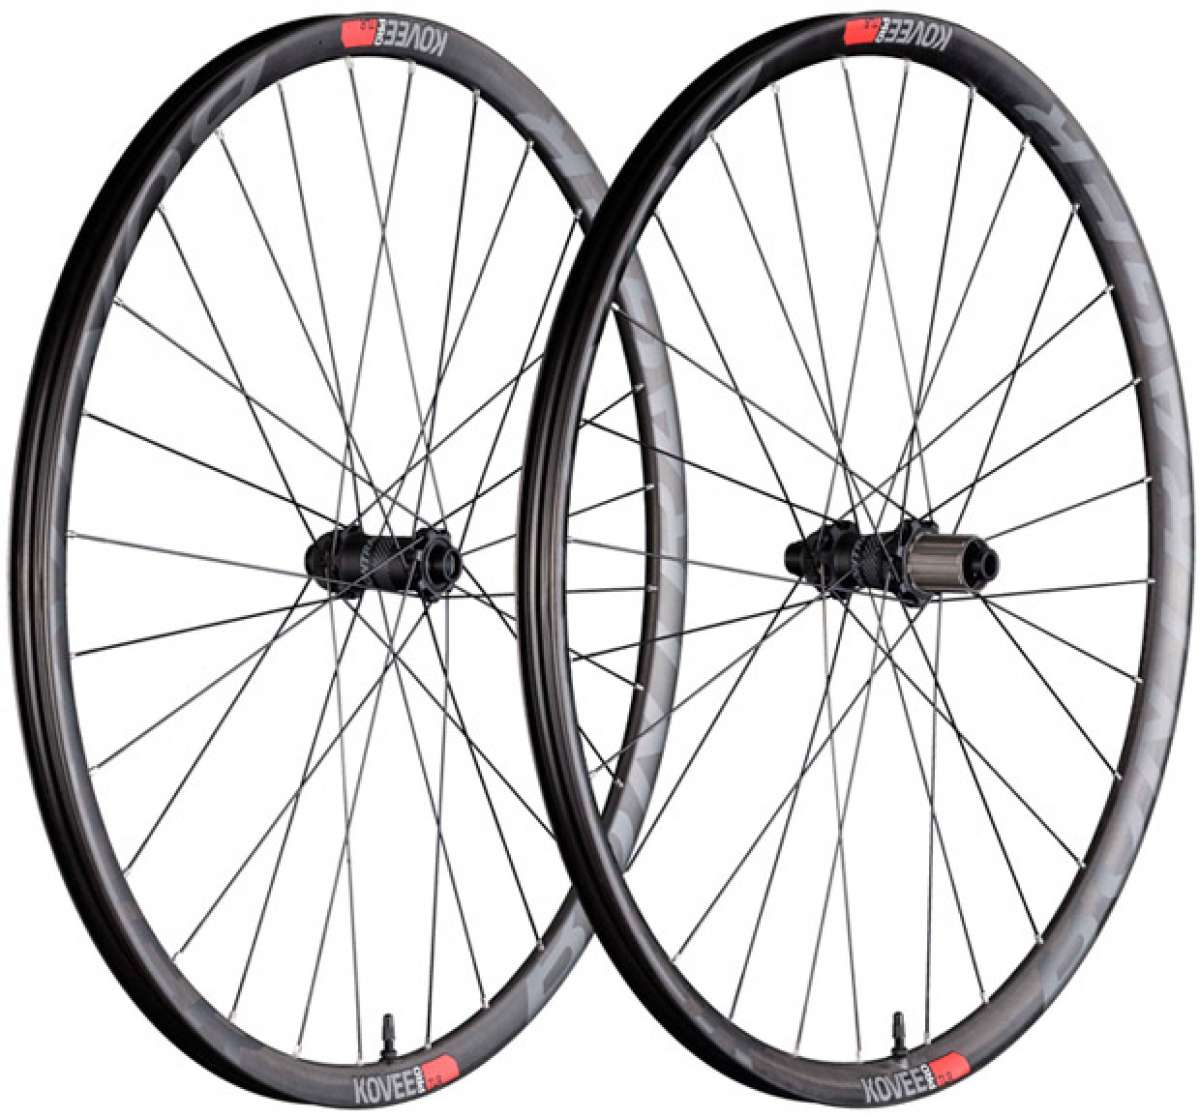 Bontrager Kovee Pro TLR, nuevas ruedas de carbono versátiles y ligeras orientadas al XC